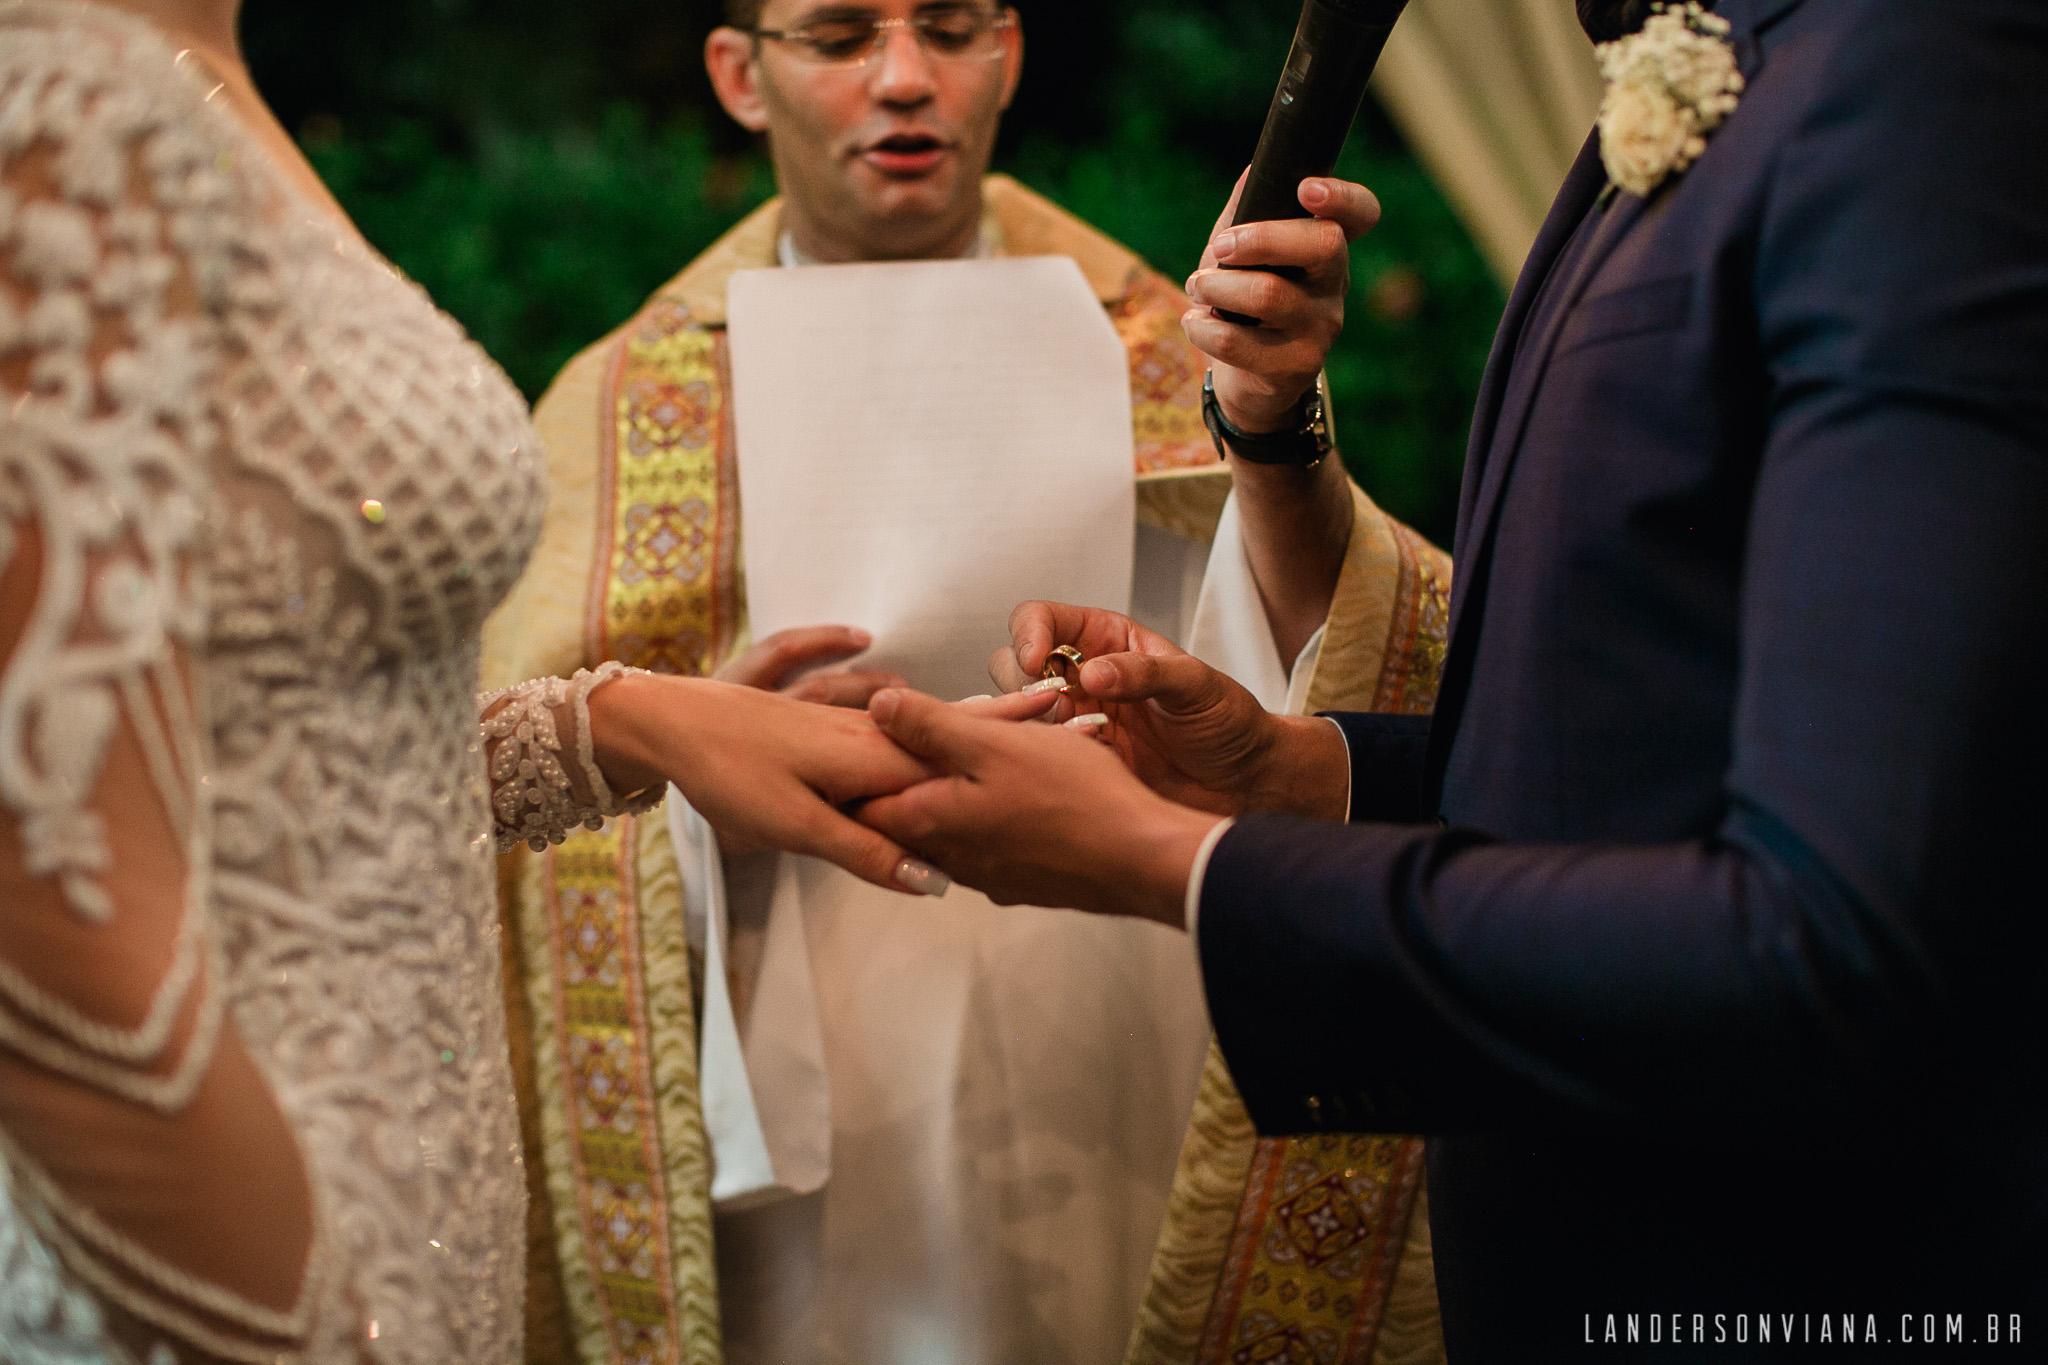 casamento_ar_livre_festa_jessica_raphael-21.jpg